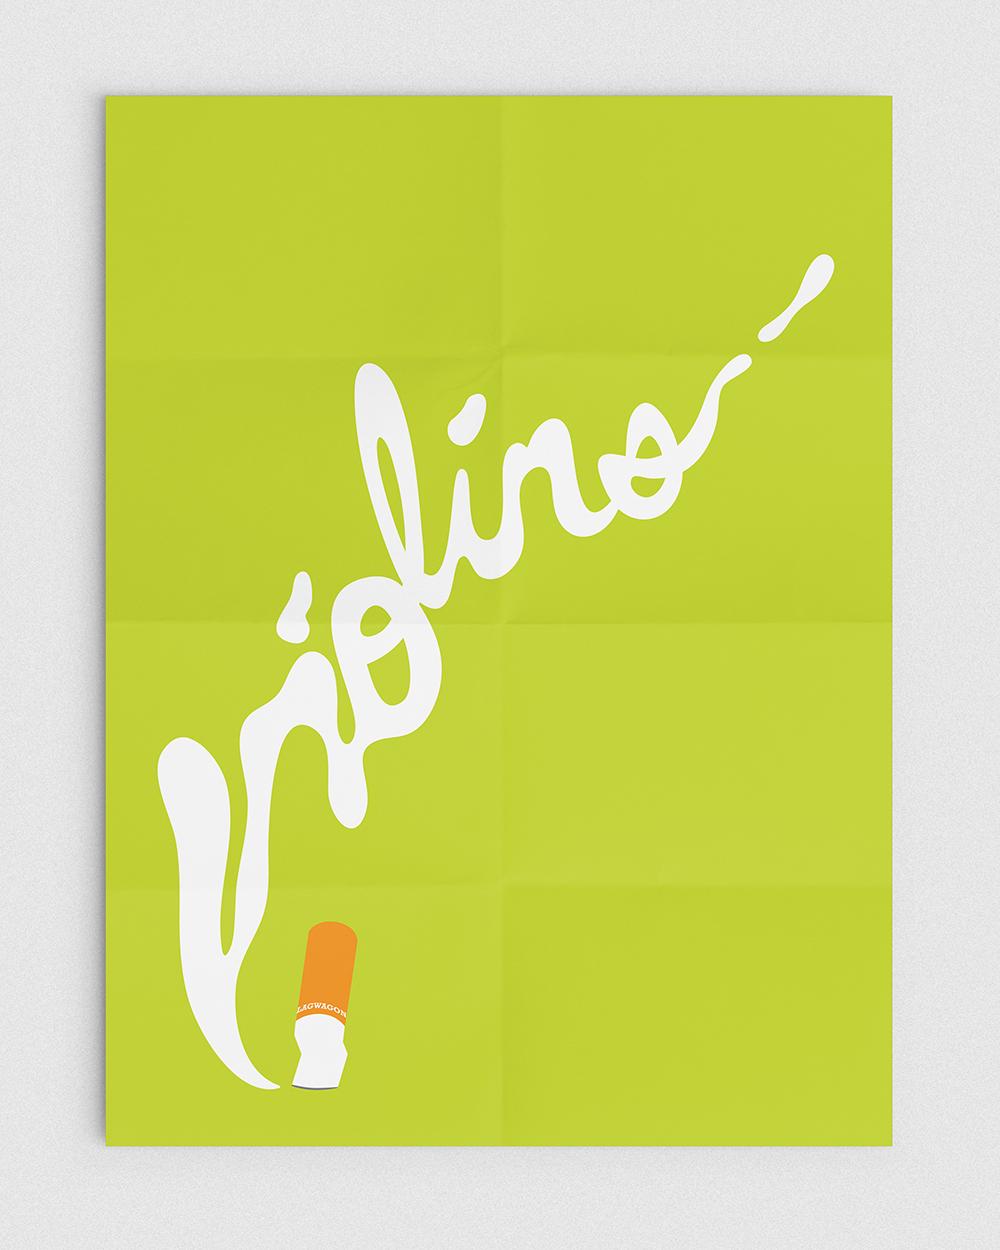 Violin_Poster_Mockup.jpg